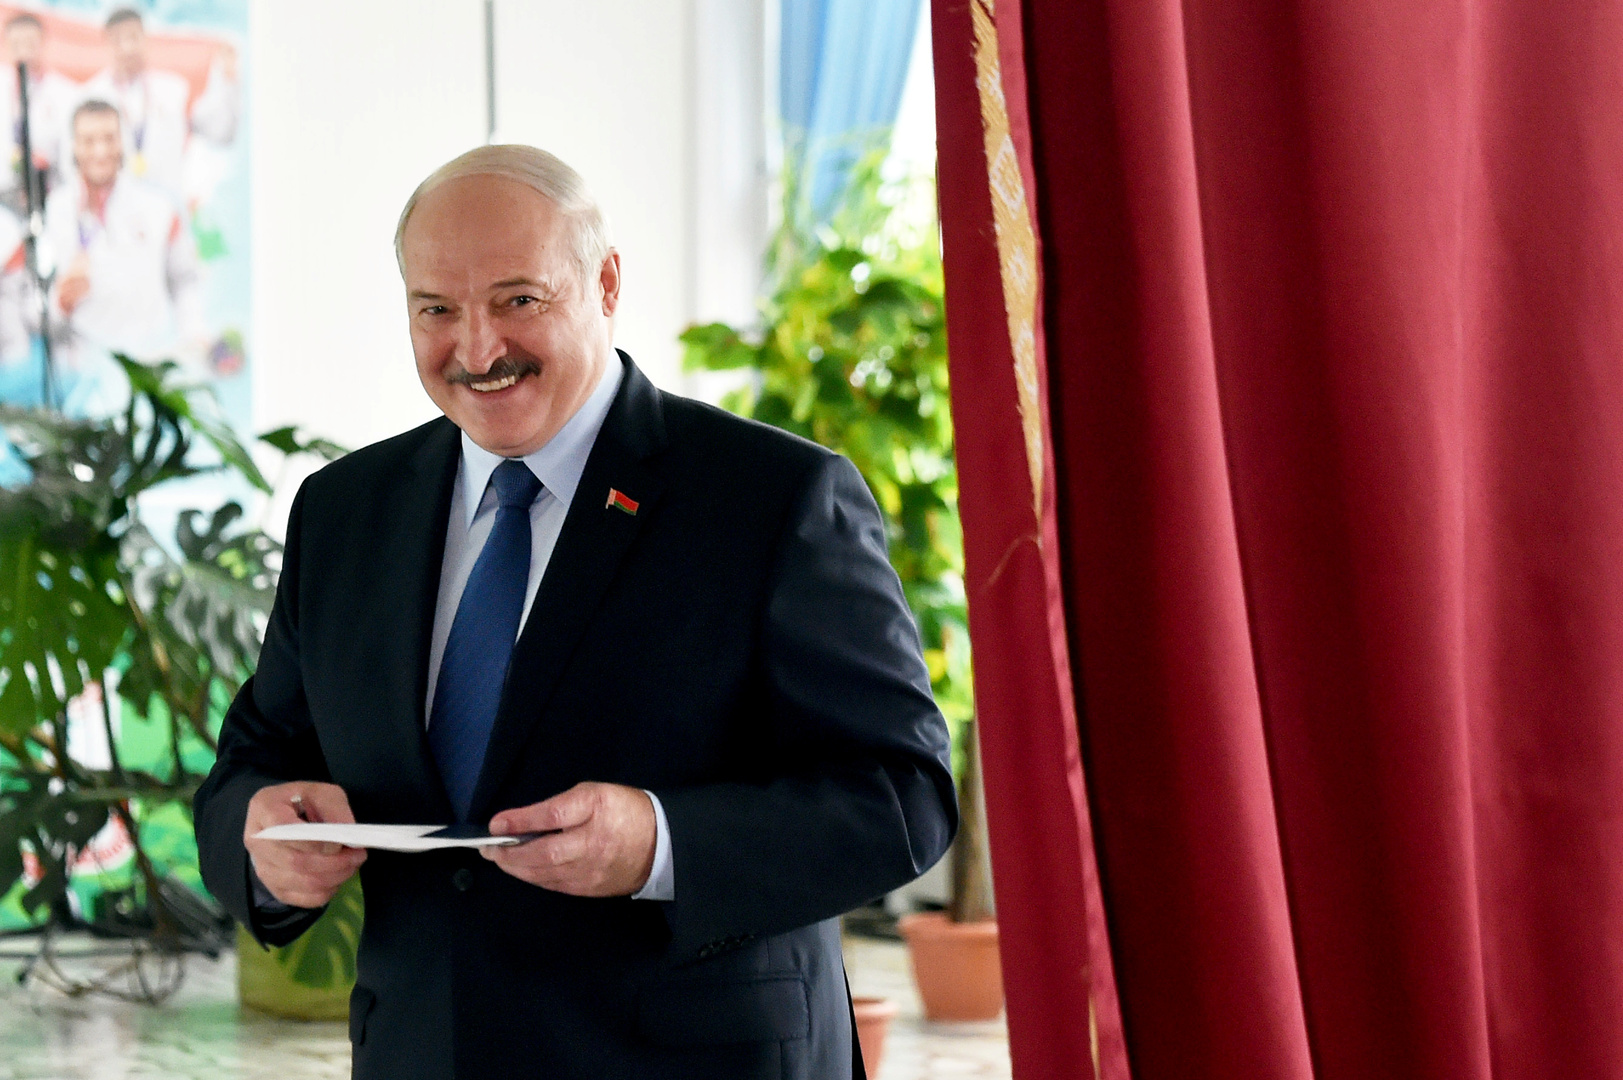 بوتين يهنئ لوكاشينكو بفوزه في الانتخابات الرئاسية البيلاروسية